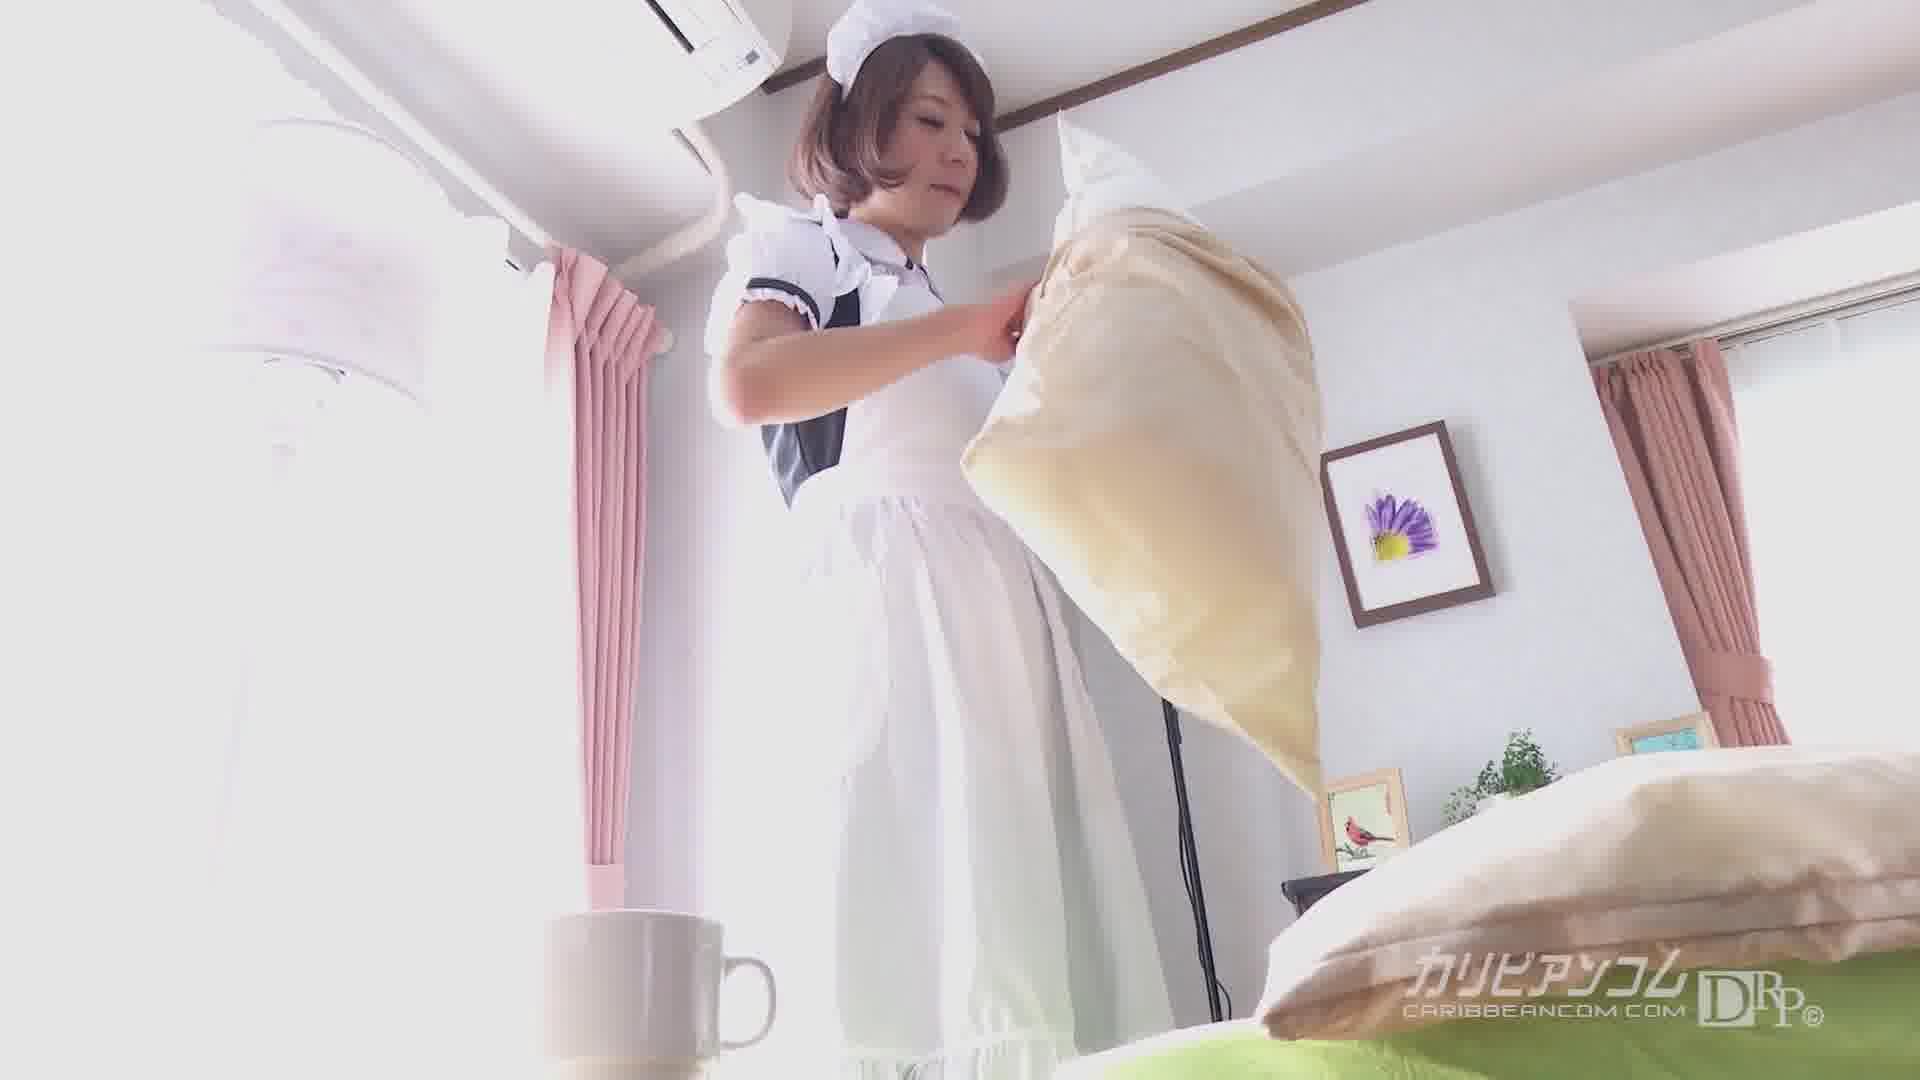 愛しきご主人様と給仕の私 - 滝川エリナ【オナニー・変態・メイド】